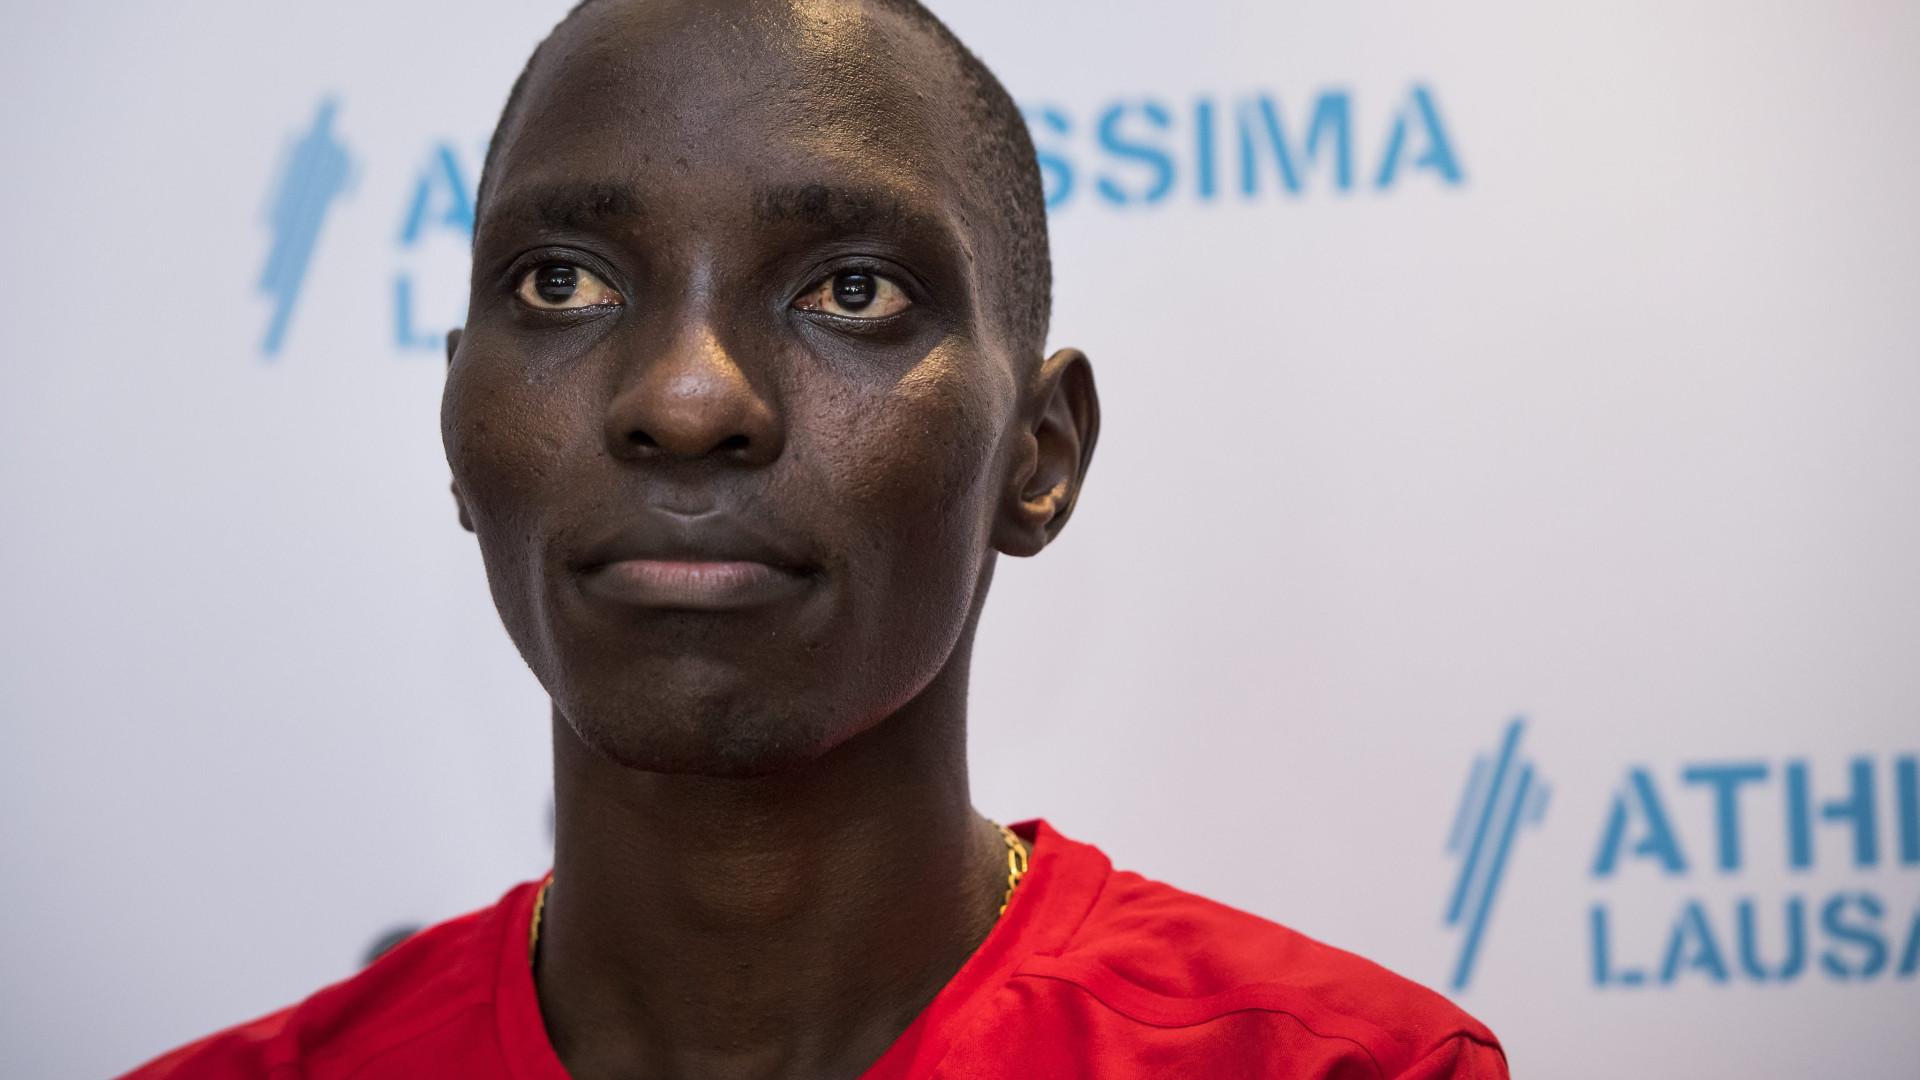 Kiprop reitera inocência em caso de doping mas desiste de se defender